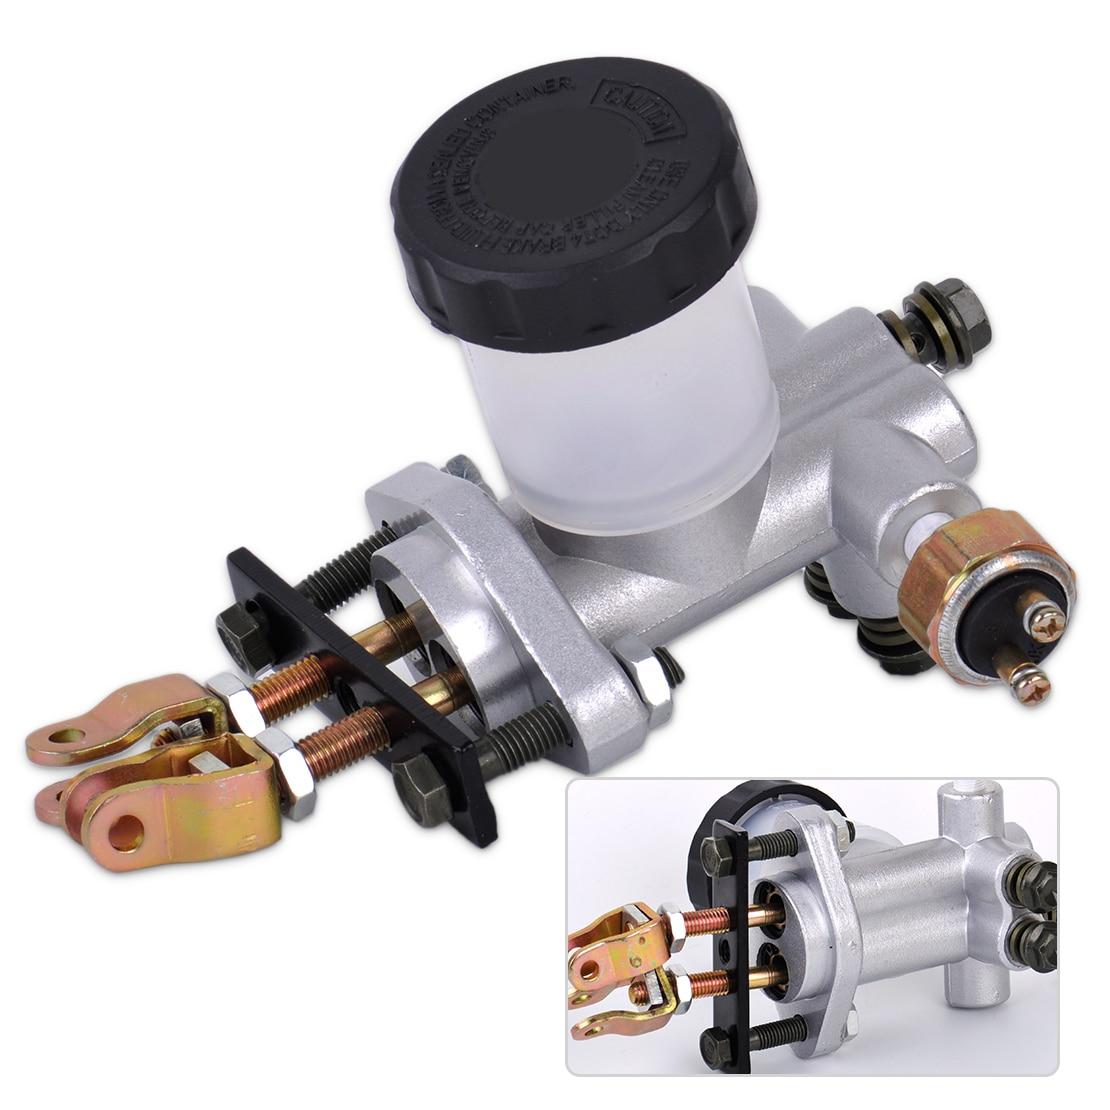 Maître-cylindre de frein hydraulique DWCX adapté pour 90cc 110cc 125cc 150cc 200cc 250cc Go Kart Dune Buggy Ibosa Twister Carter Talon